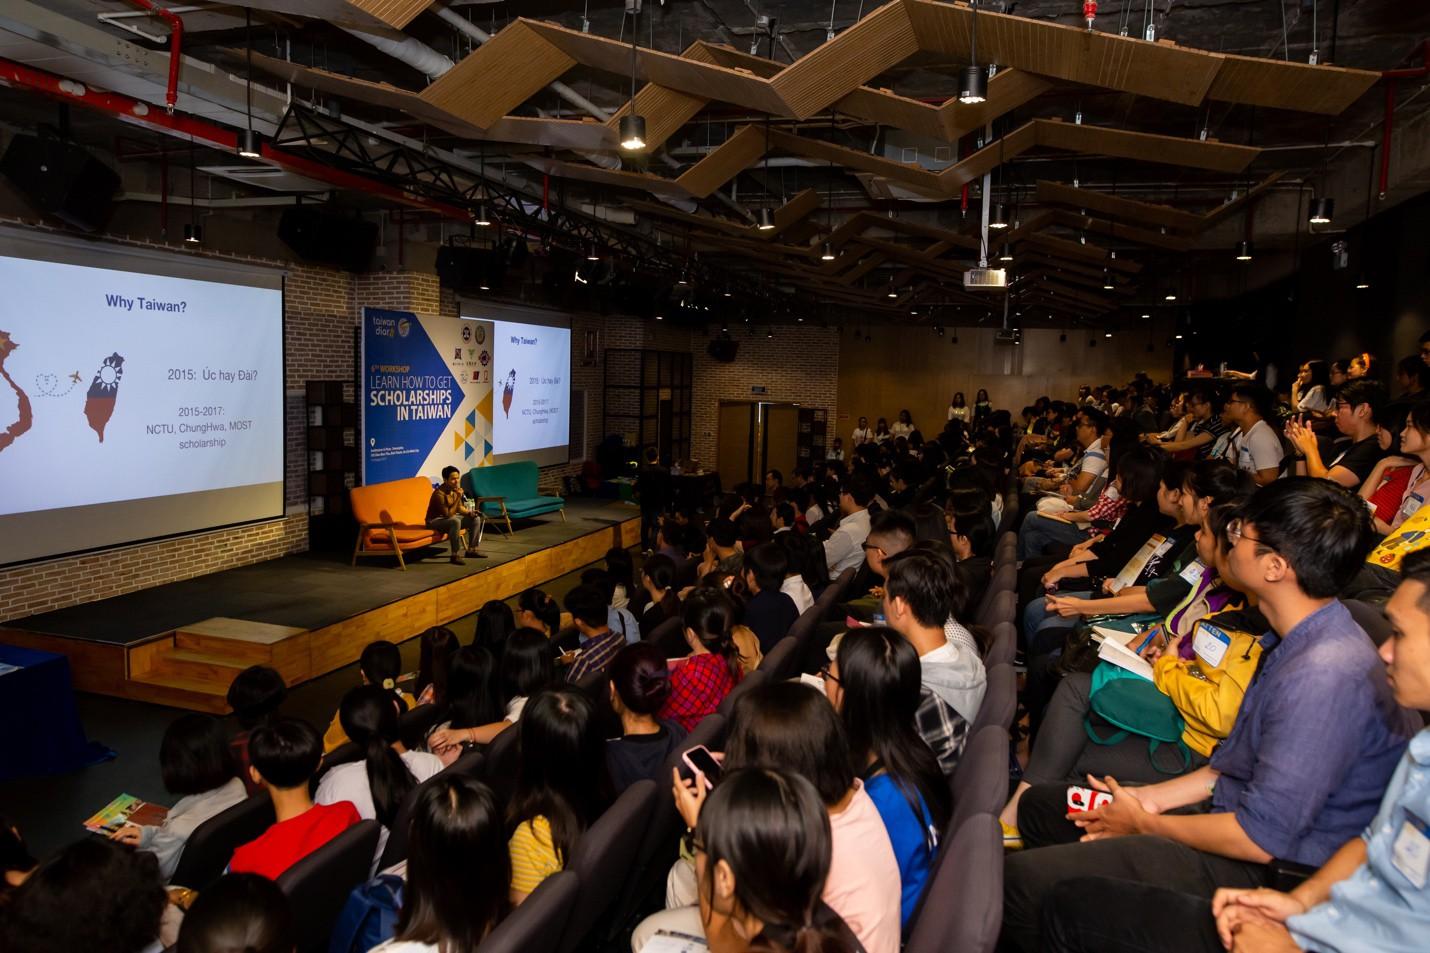 Học bổng du học Đài Loan: Dễ hay khó? - Ảnh 1.